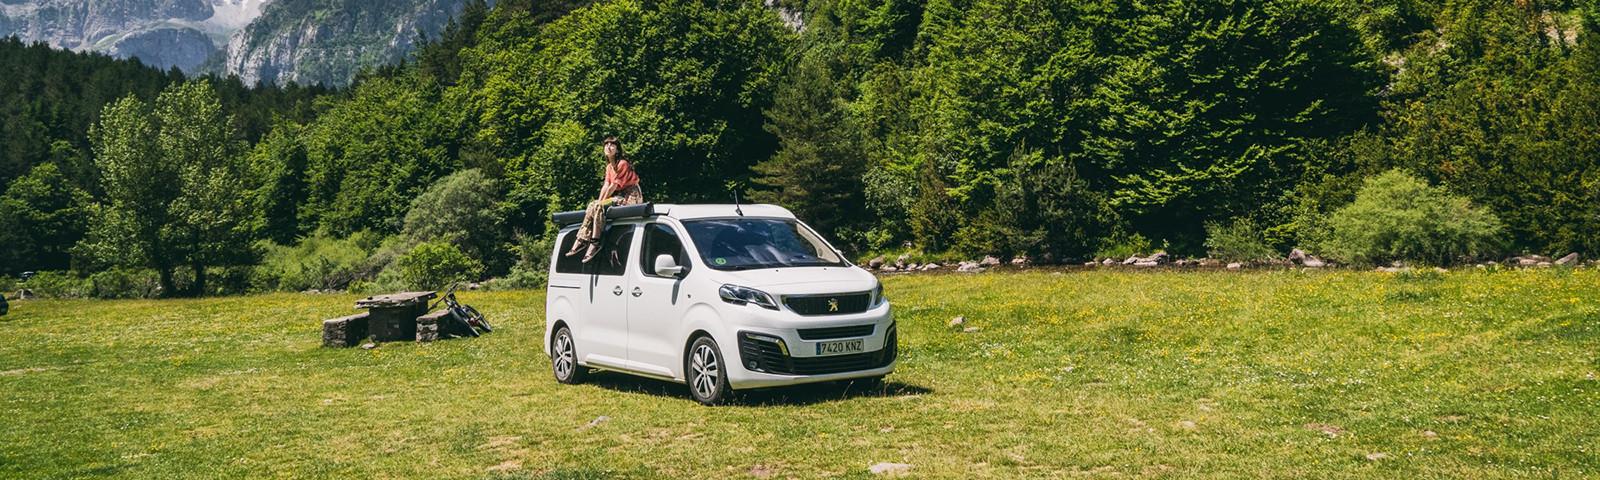 Disfruta de 7 días a bordo del Peugeot Traveller Camper